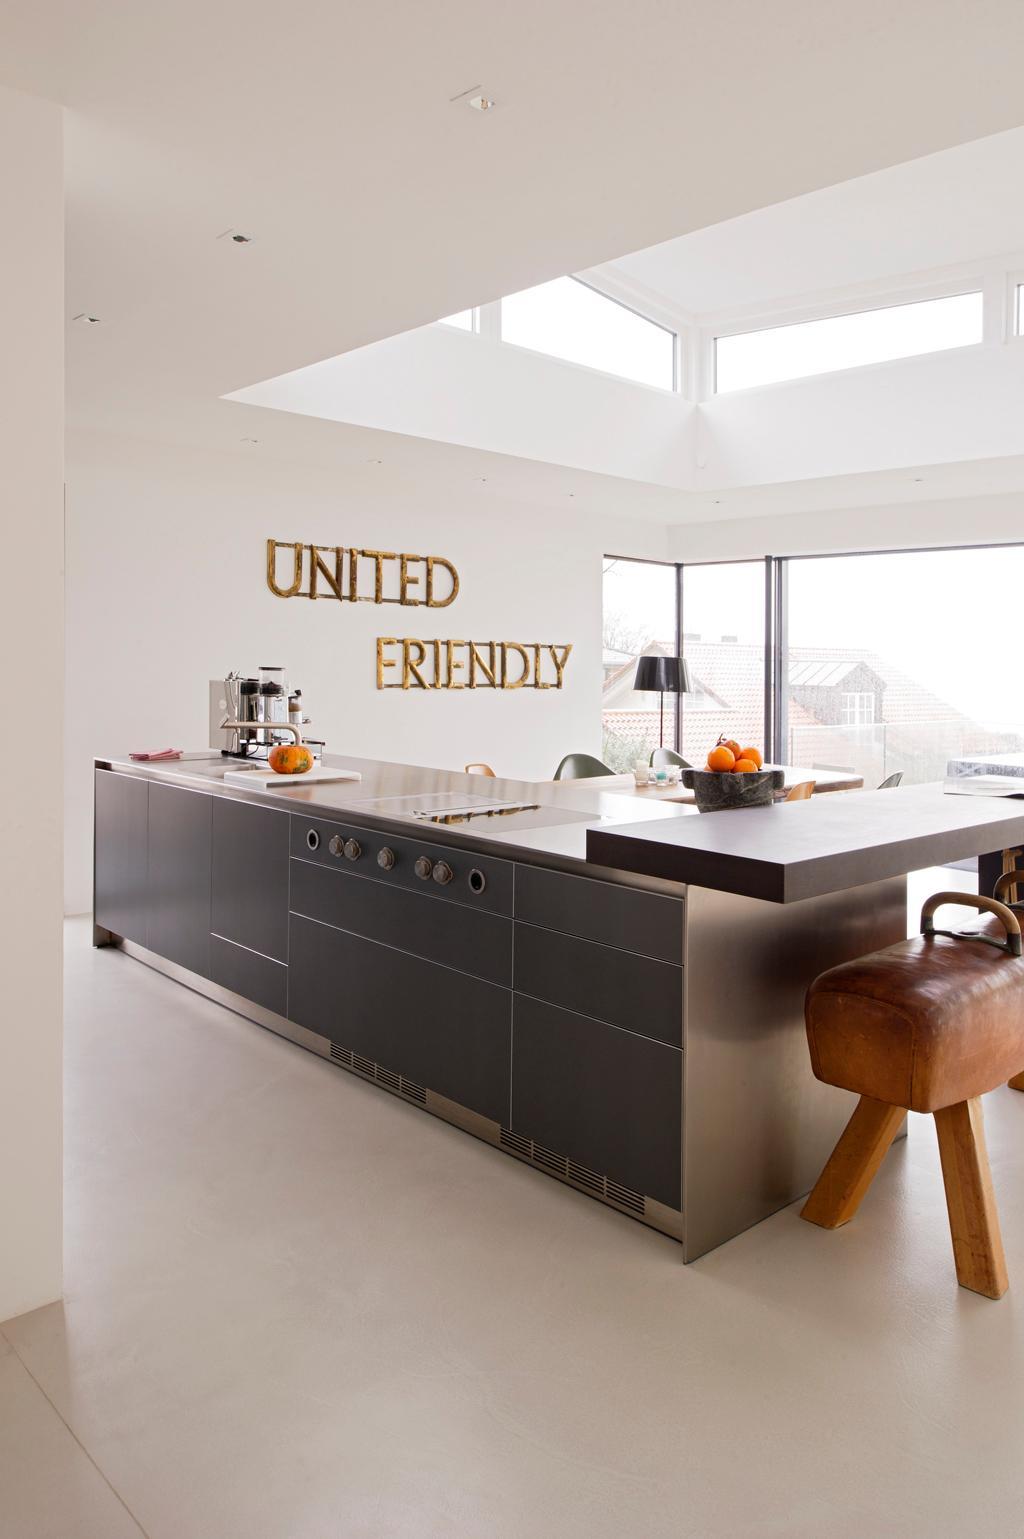 Dunkle Küche dunkle küche bilder ideen couchstyle